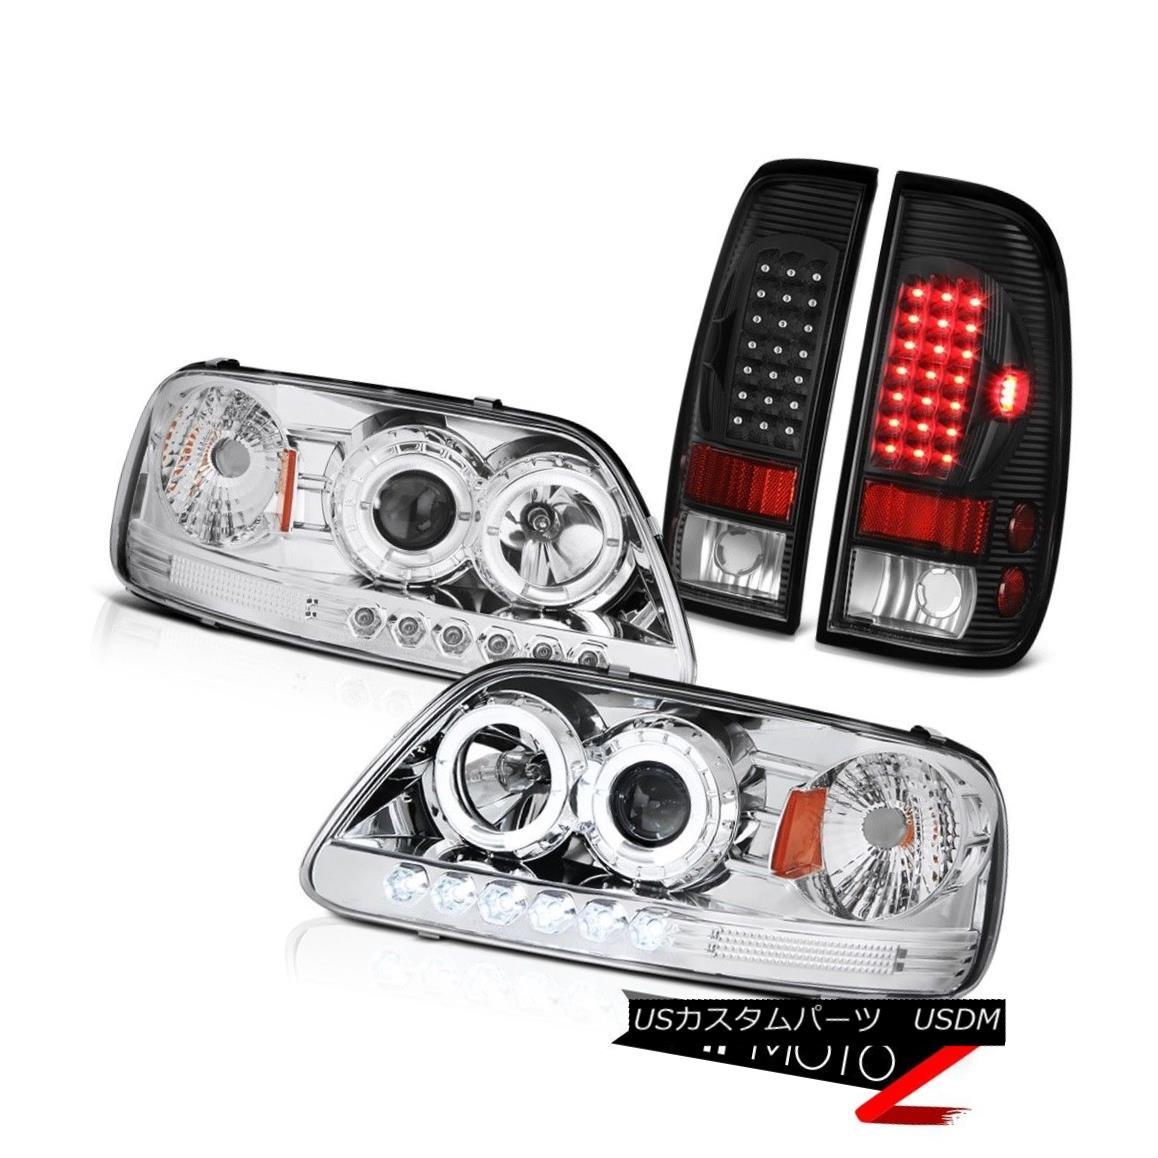 ヘッドライト F150 V6 1999 2000 2001 Halo Rim Headlight Smoke Black Brake Rear Tail Lights Set F150 V6 1999 2000 2001ハローリムヘッドライトスモークブラックブレーキリアテールライトセット